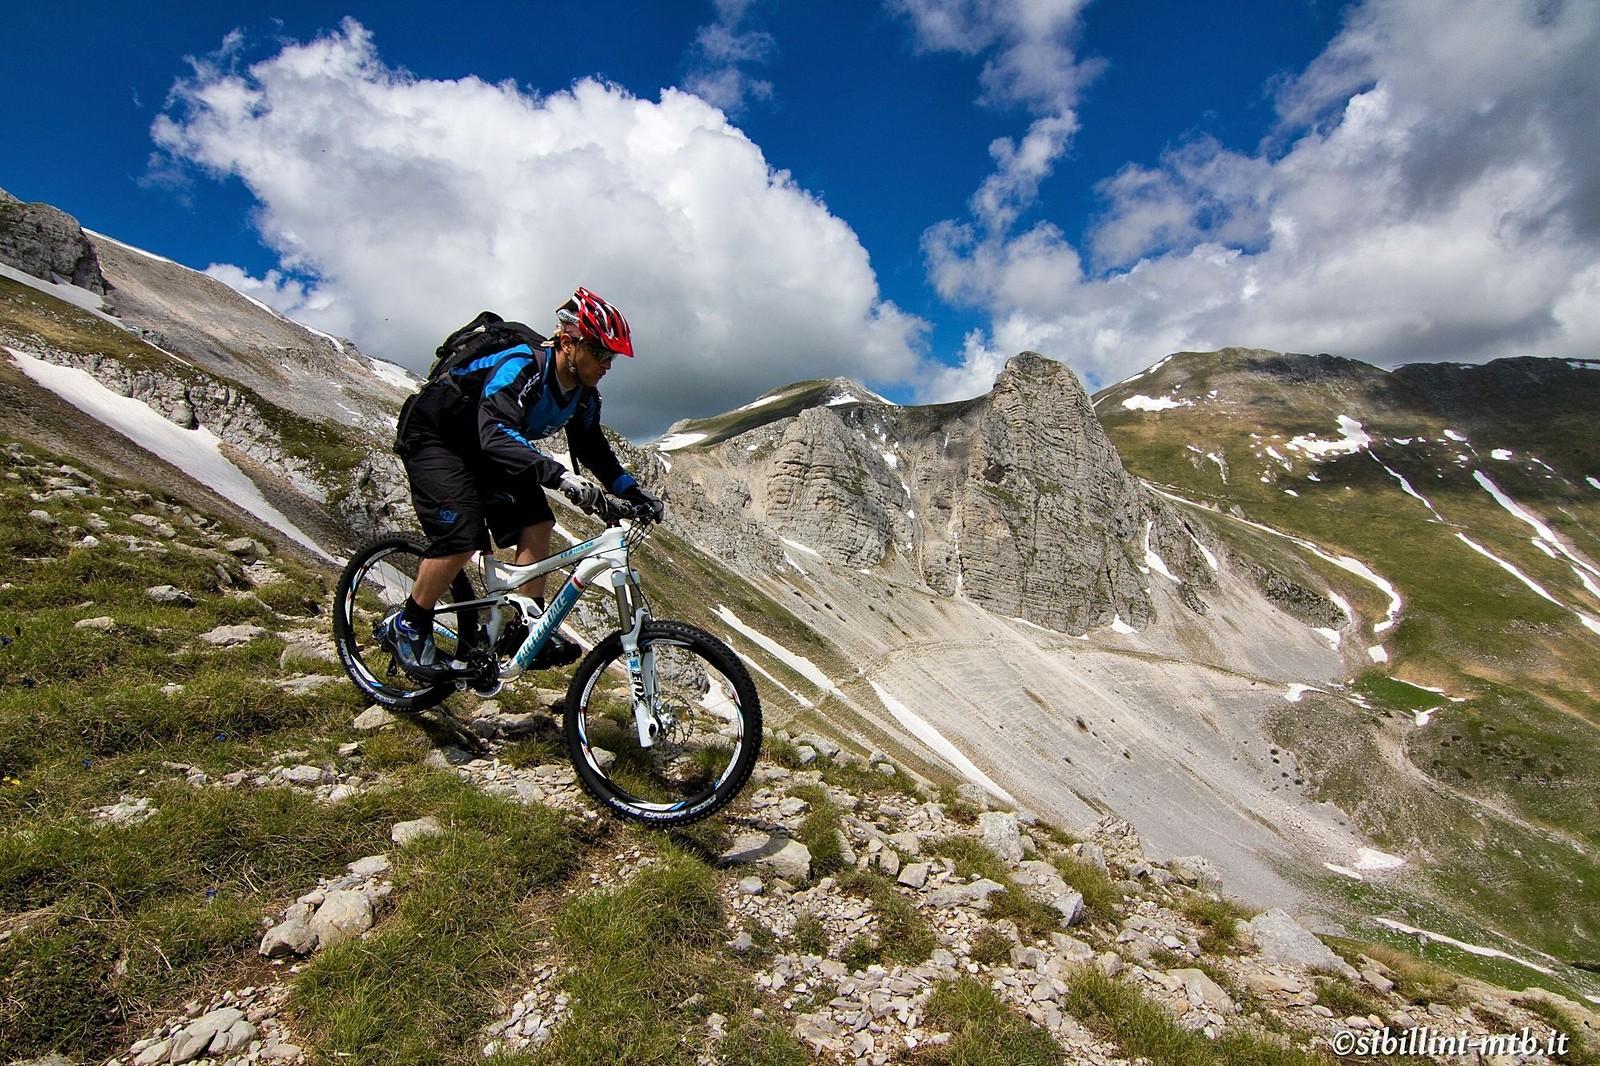 Sasso Borghese - barbonis - Mountain Biking Pictures - Vital MTB